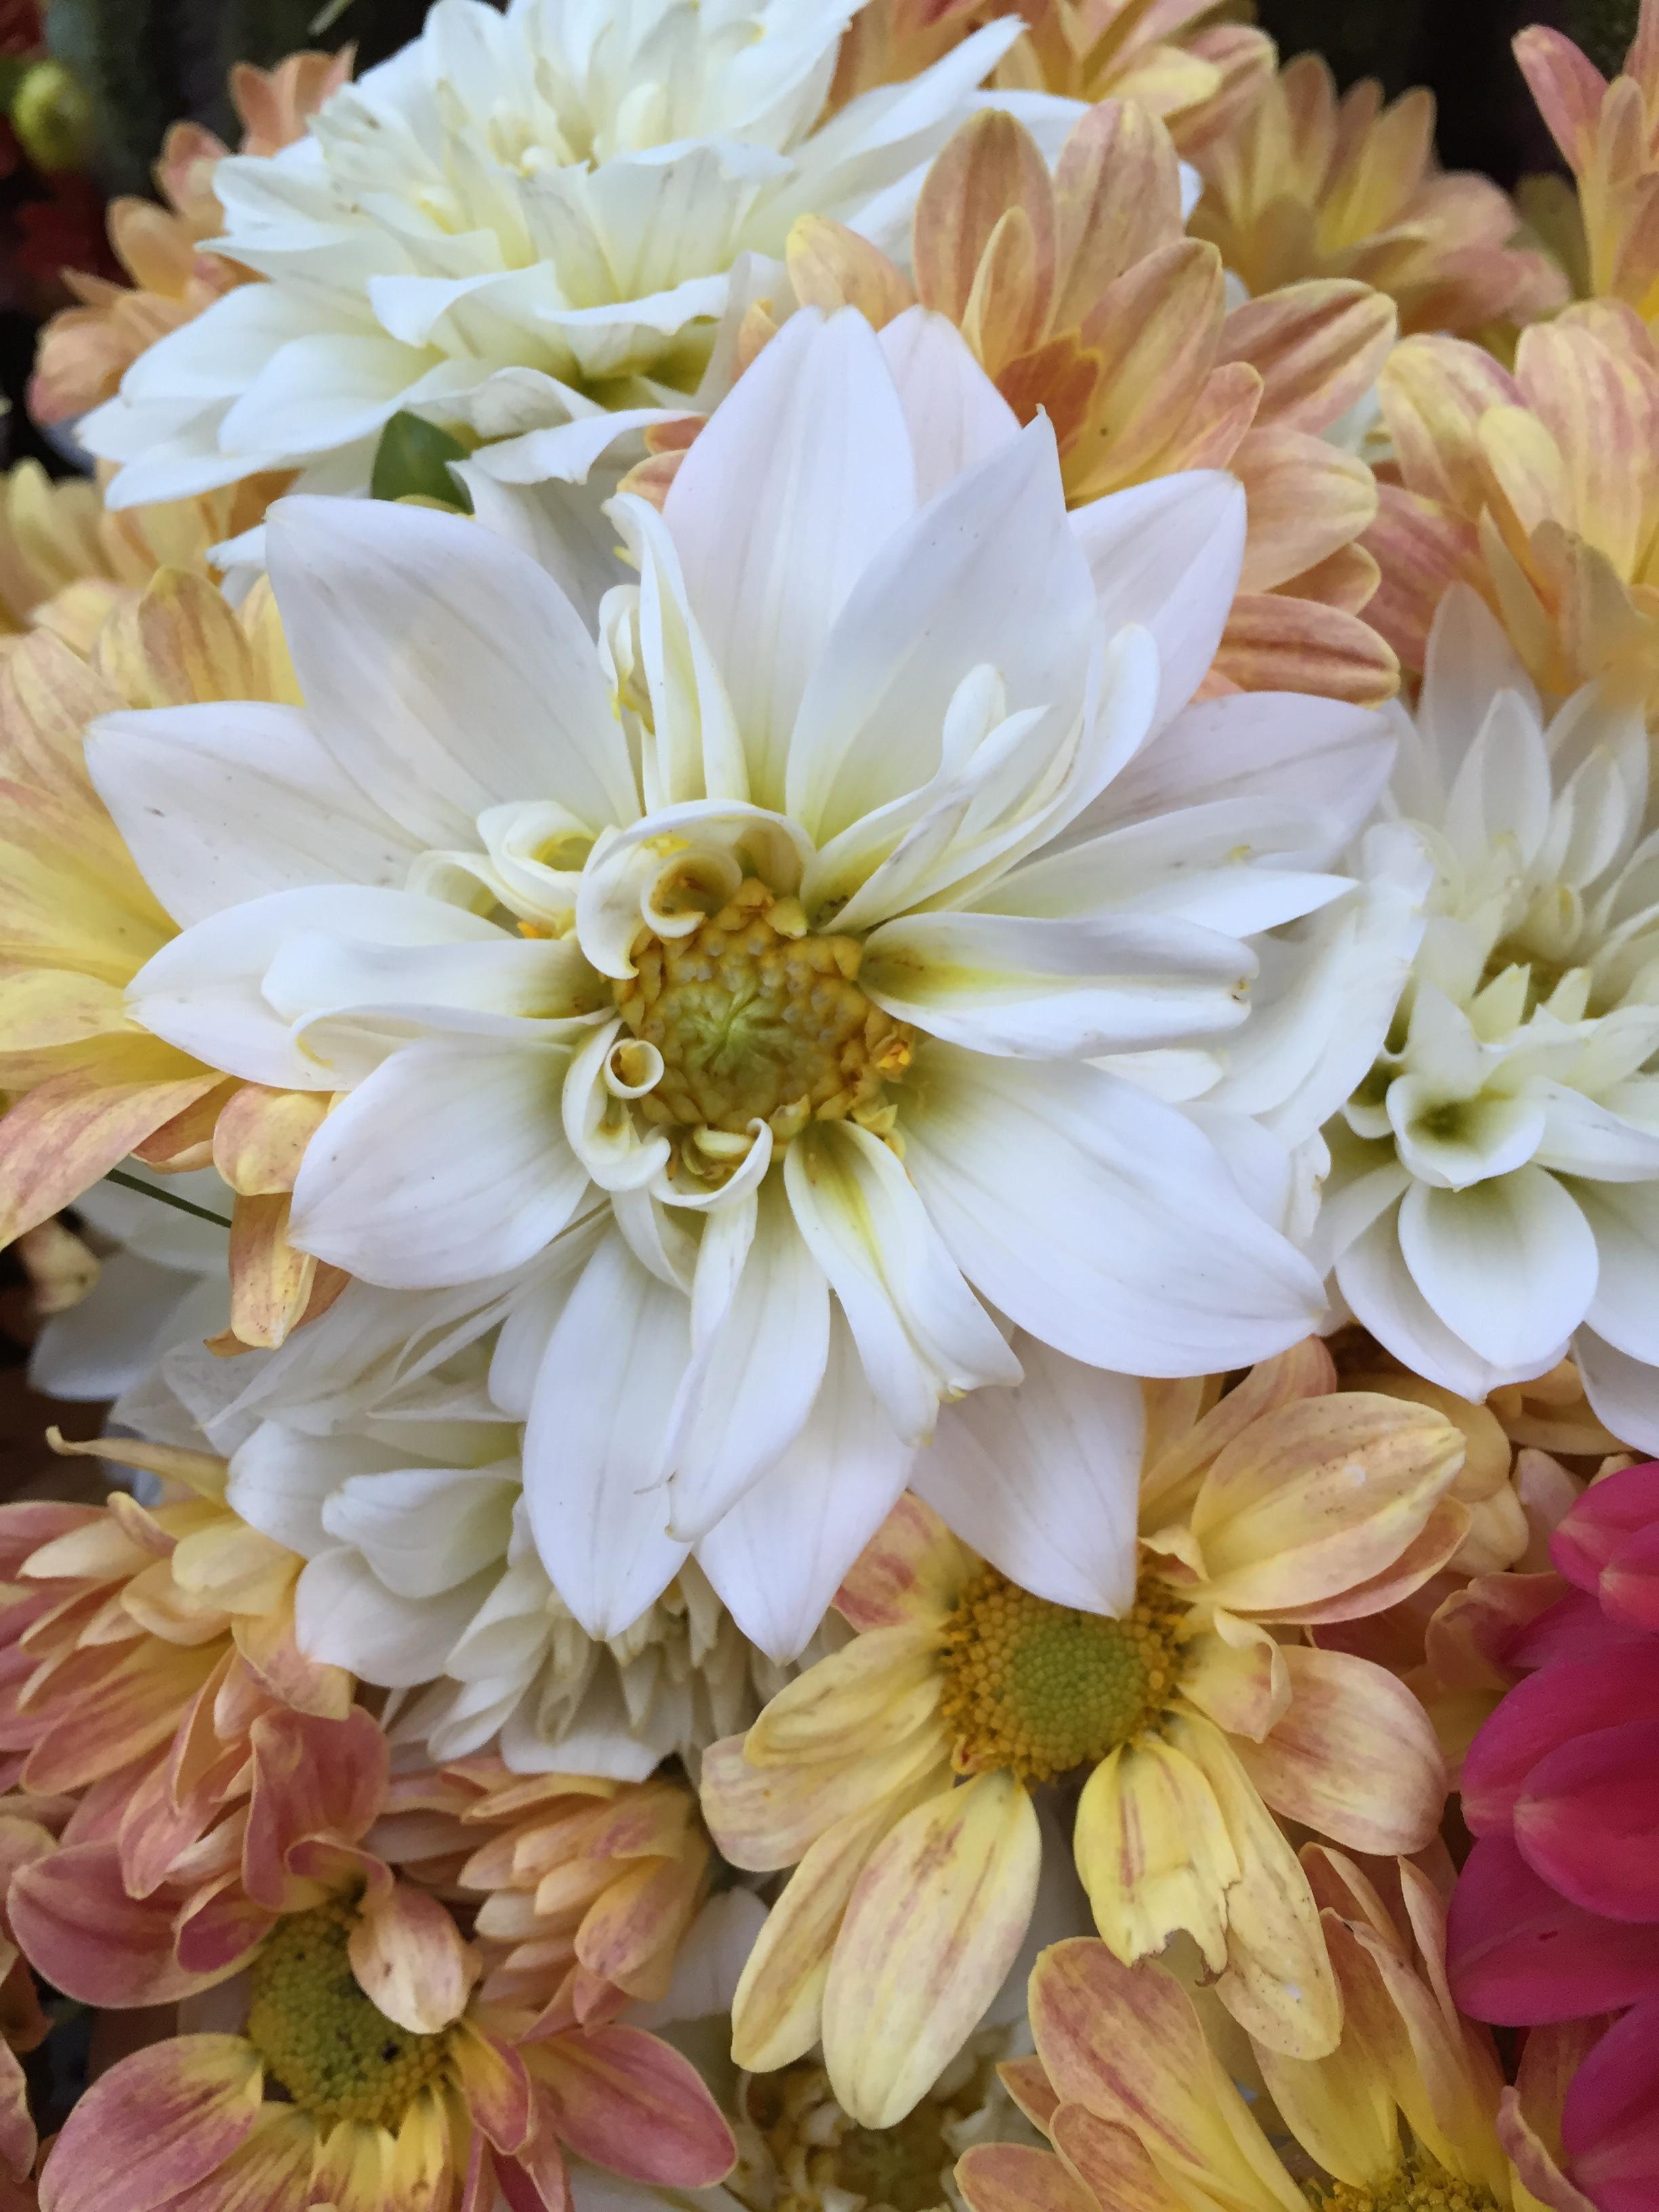 fragrant fall chrysanthemums